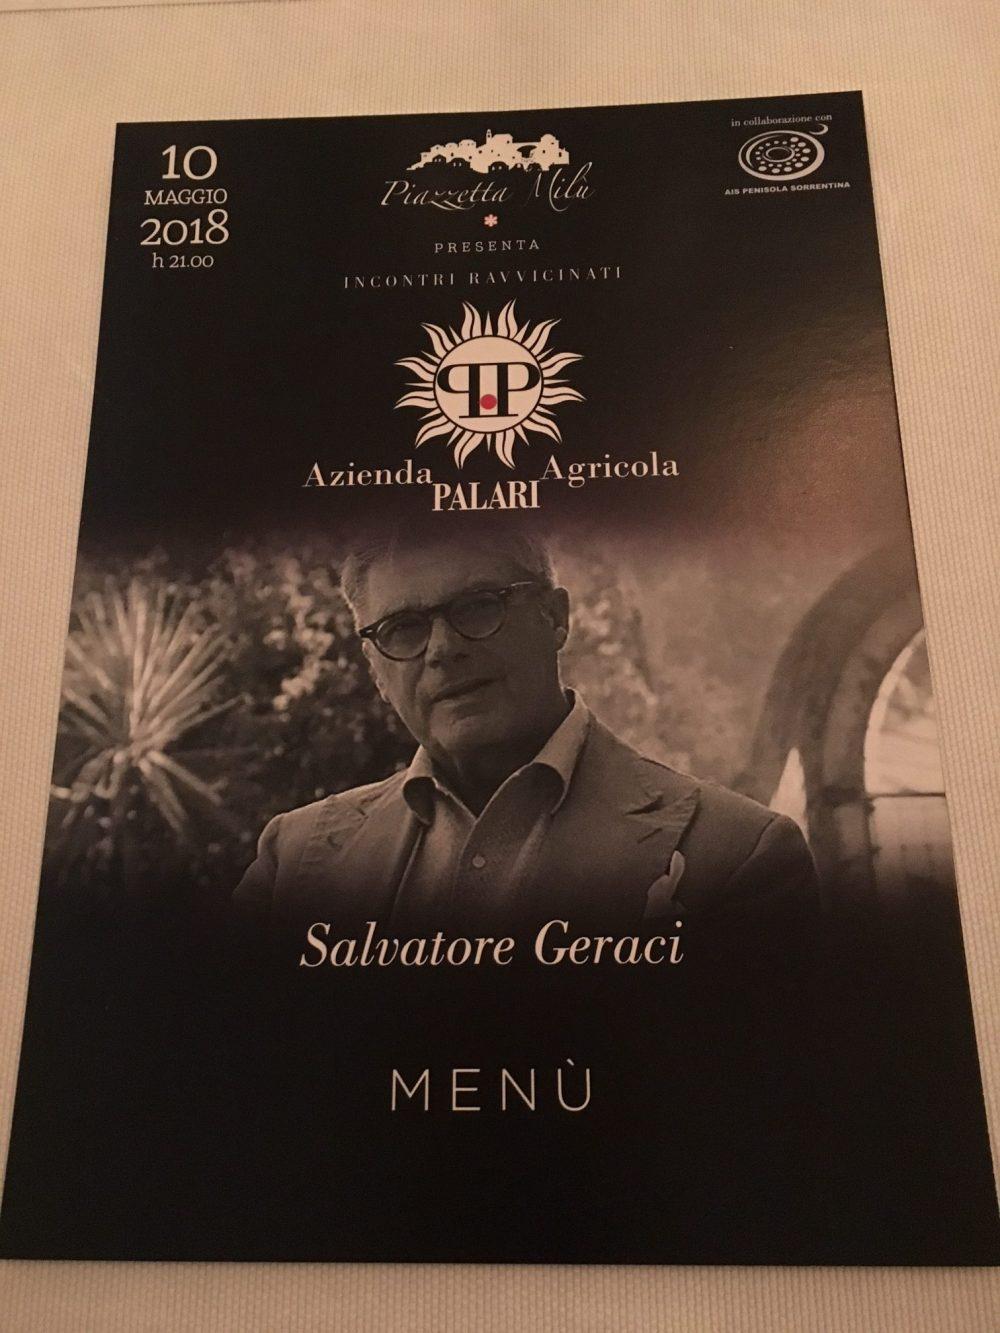 Salvatore Geraci Piazzetta Milu'